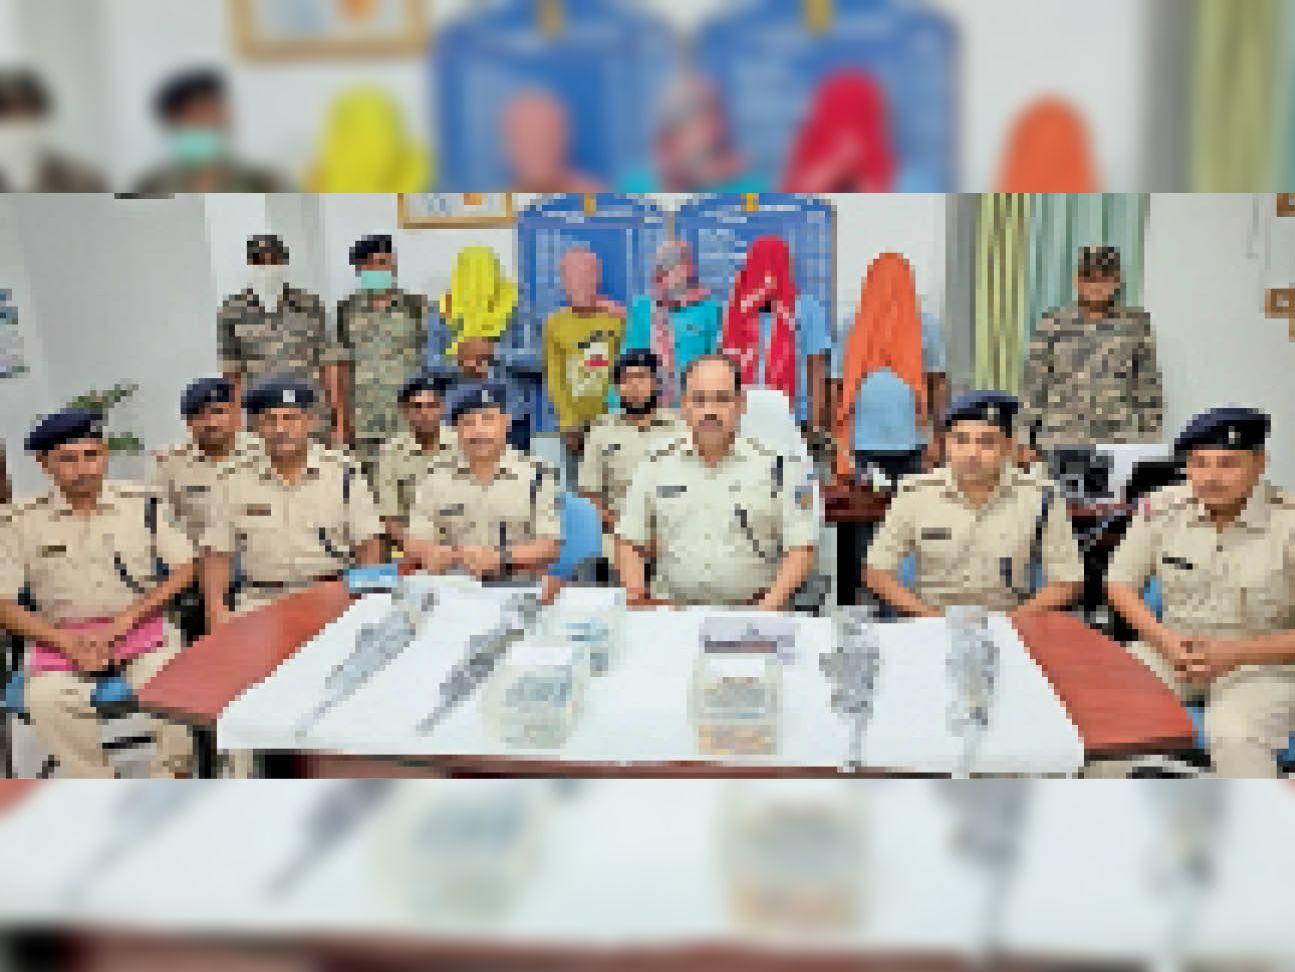 पत्रकारों को जानकारी देते एसपी, जब्त हथियार व पीछे खड़े अभियुक्त। - Dainik Bhaskar